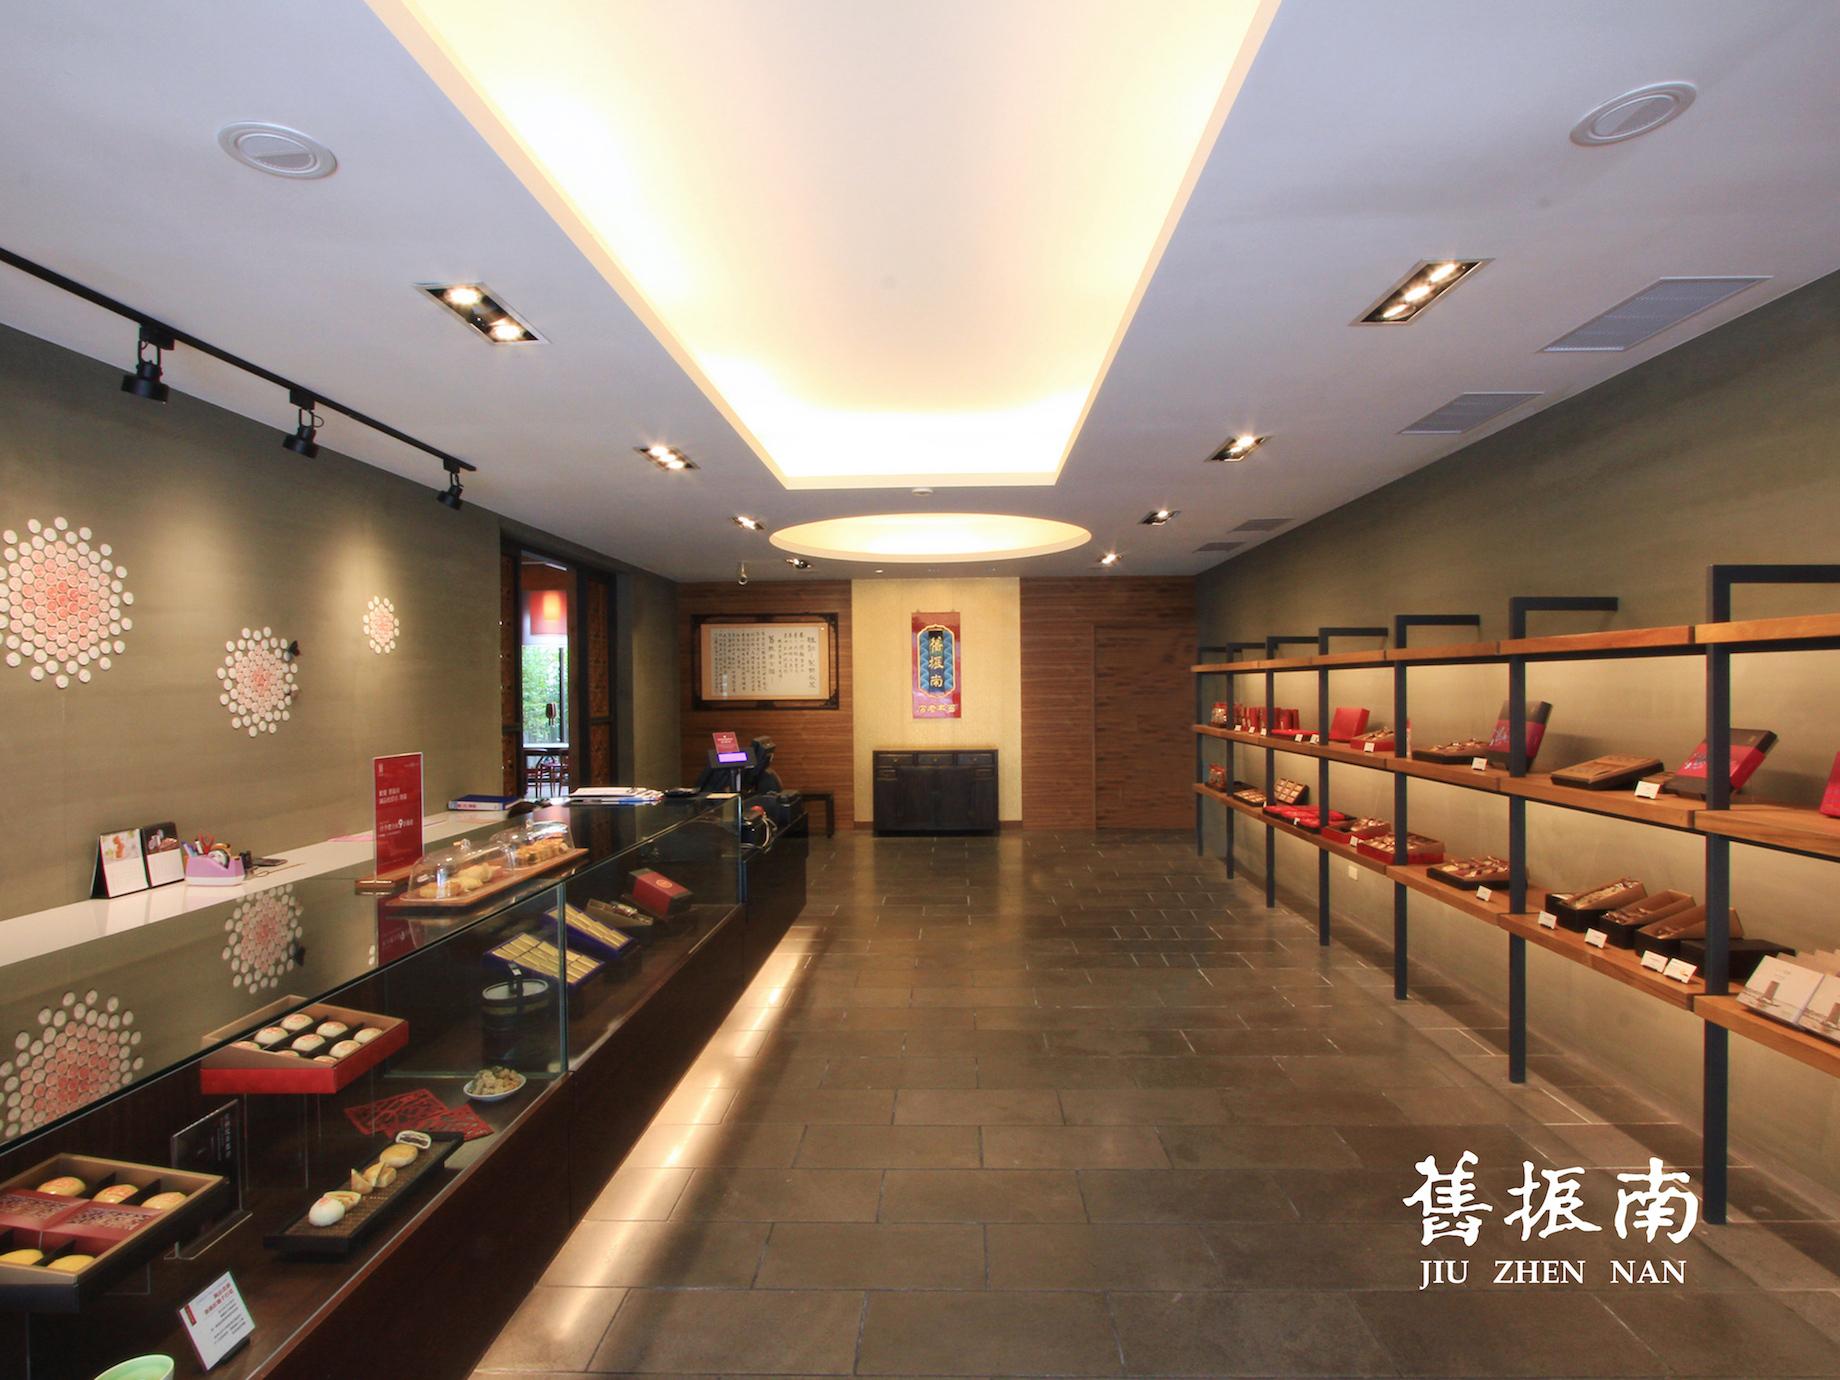 SmartM電子商務學院》老字號「舊振南餅店」,3大佈局跨足電商創造45%回購率